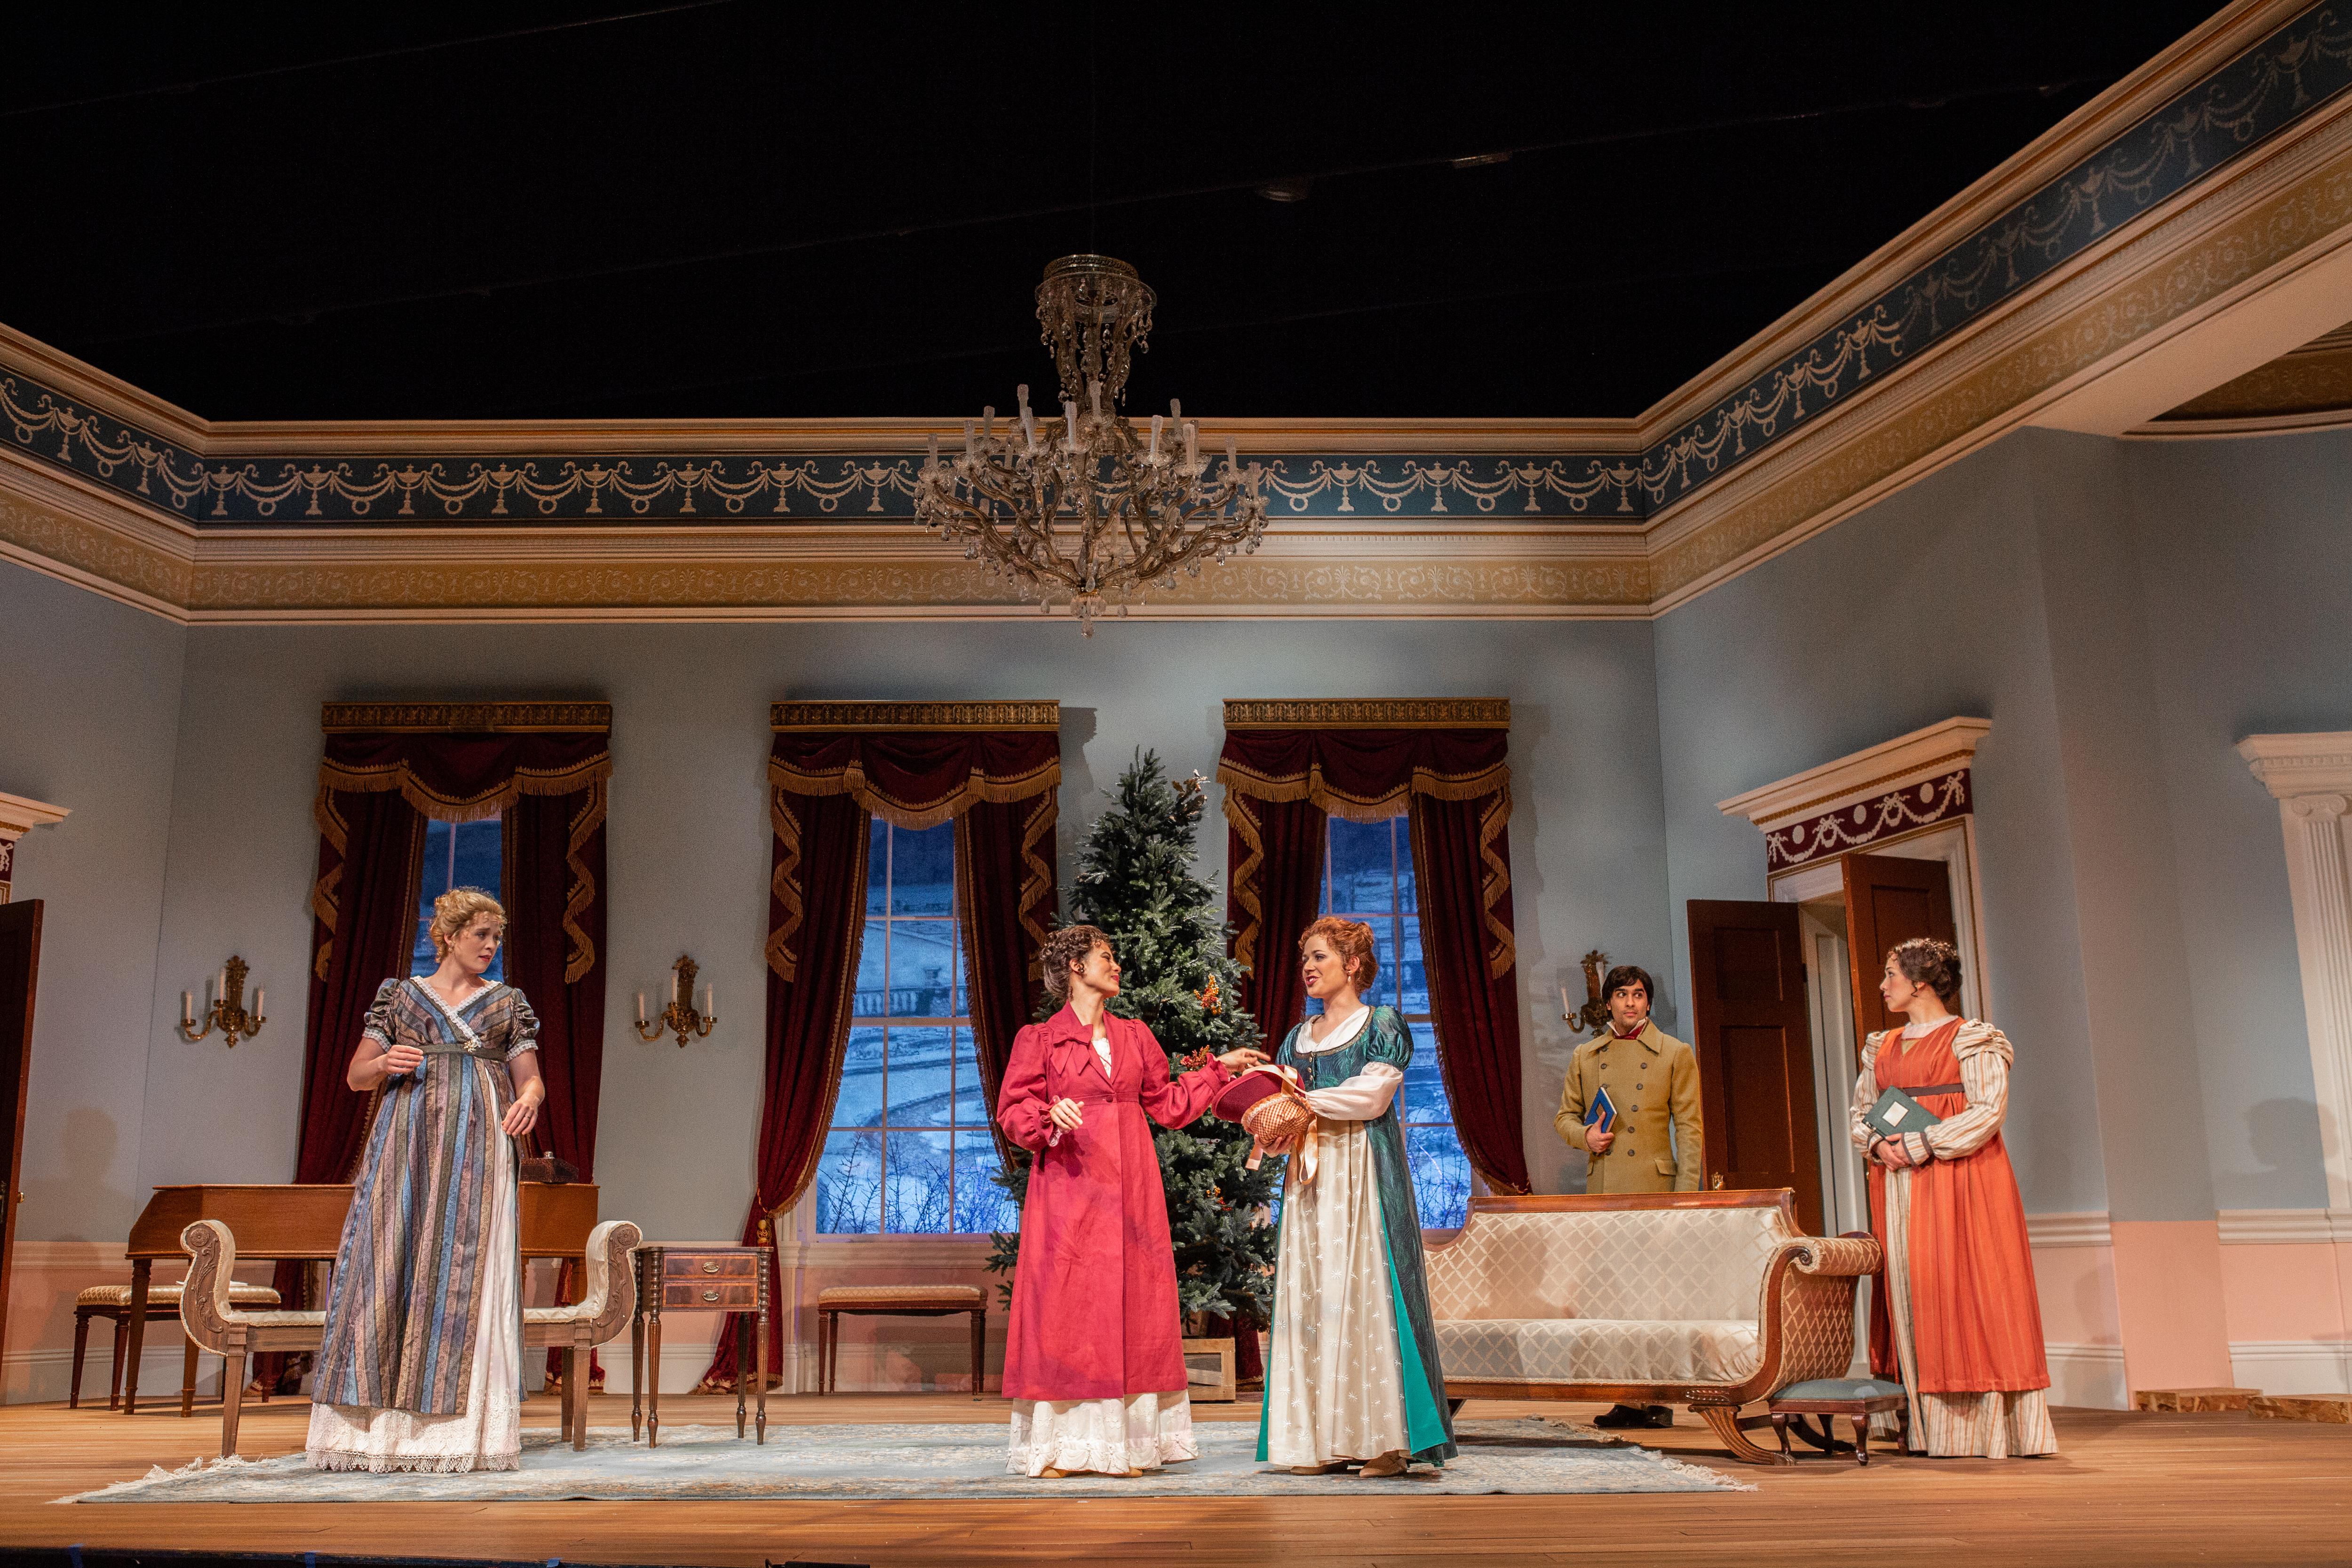 Miss Bennet Christmas At Pemberley.Miss Bennet Christmas At Pemberley On Stage Photos